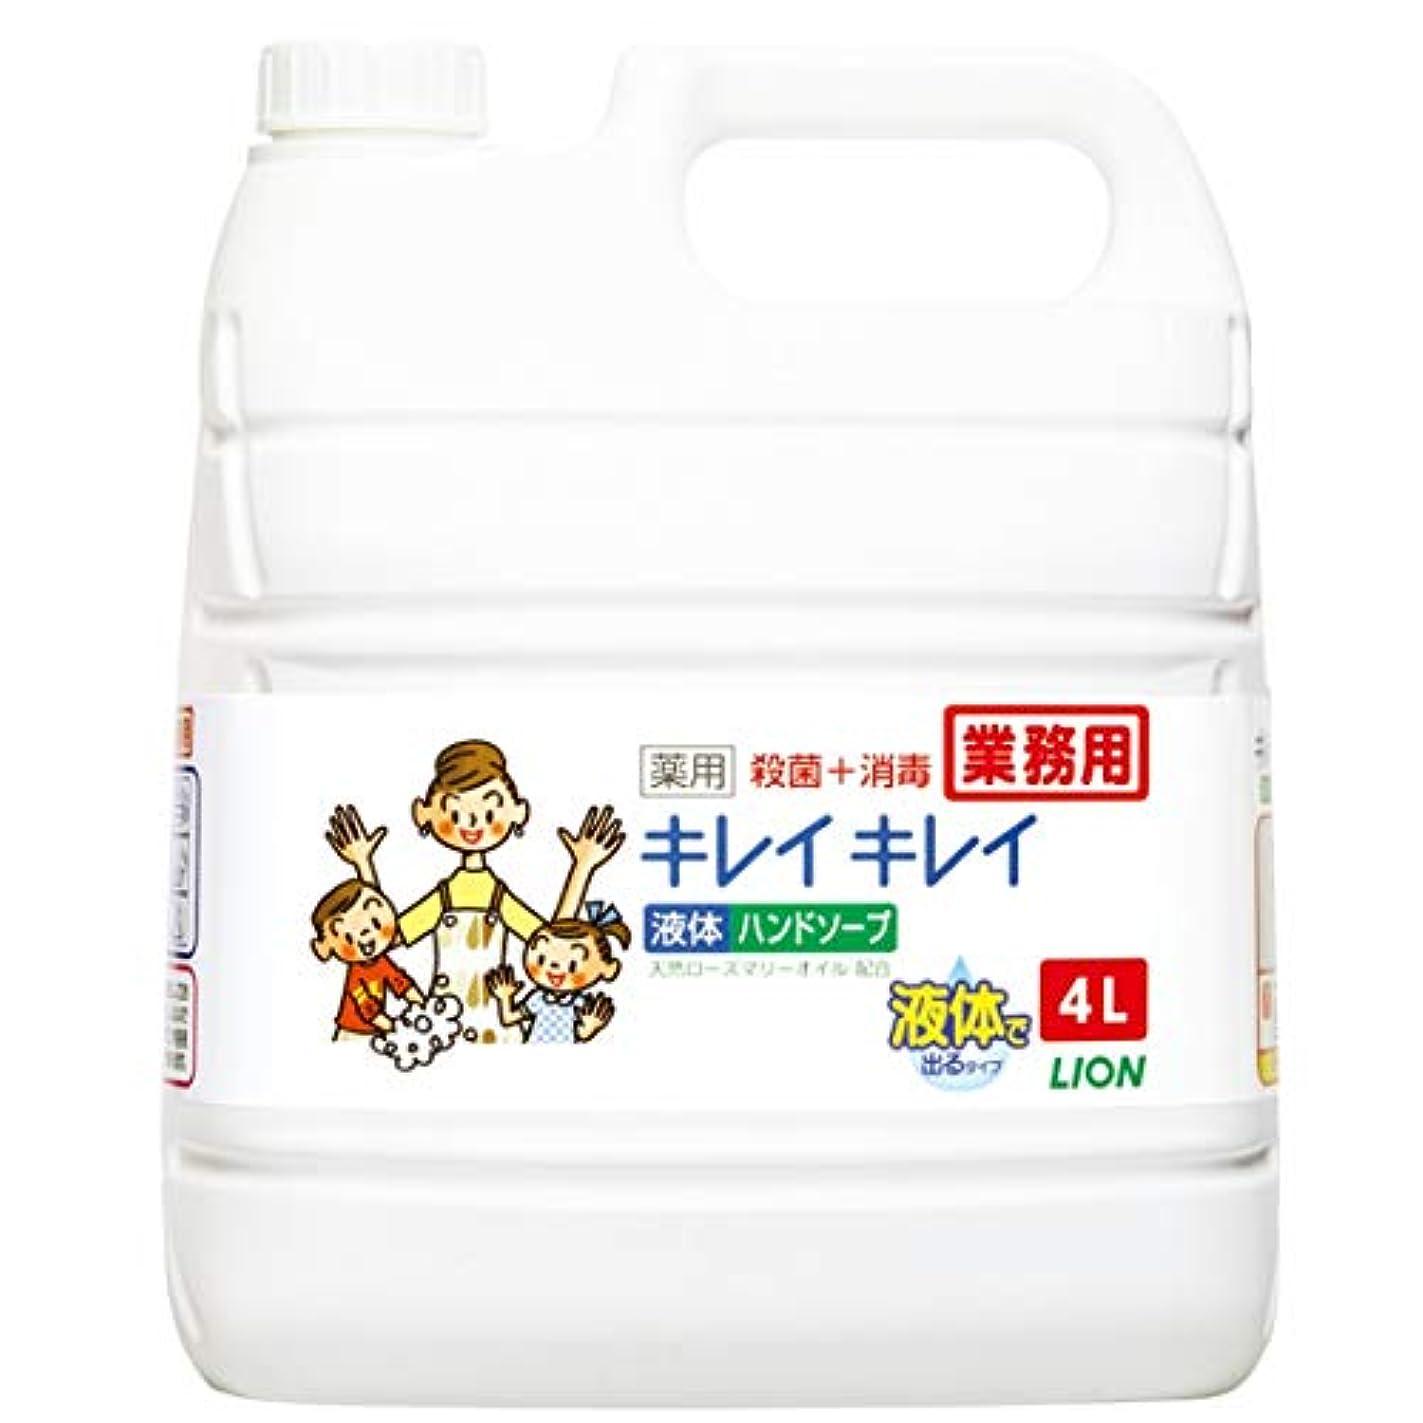 パイル起業家鎮痛剤【業務用 大容量】キレイキレイ 薬用 ハンドソープ  4L(医薬部外品)